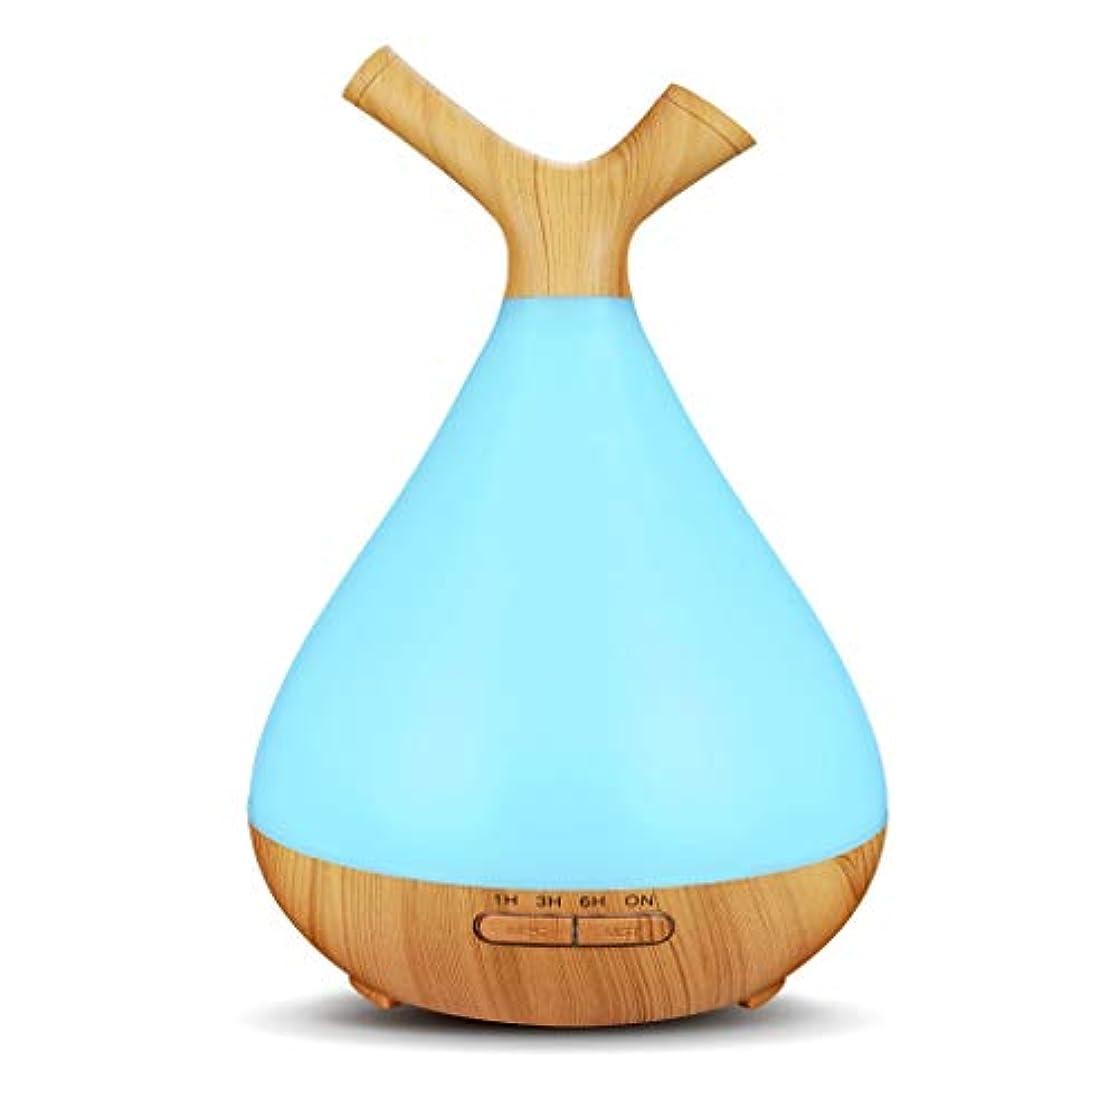 オーディションメンダシティインカ帝国必須の拡散器の木製の穀物、居間の研究の寝室のオフィスのためのCoolClassic 400mlの木のタイプ加湿器、小さくそして絶妙な空気清浄器、 (Color : Light wood grain)